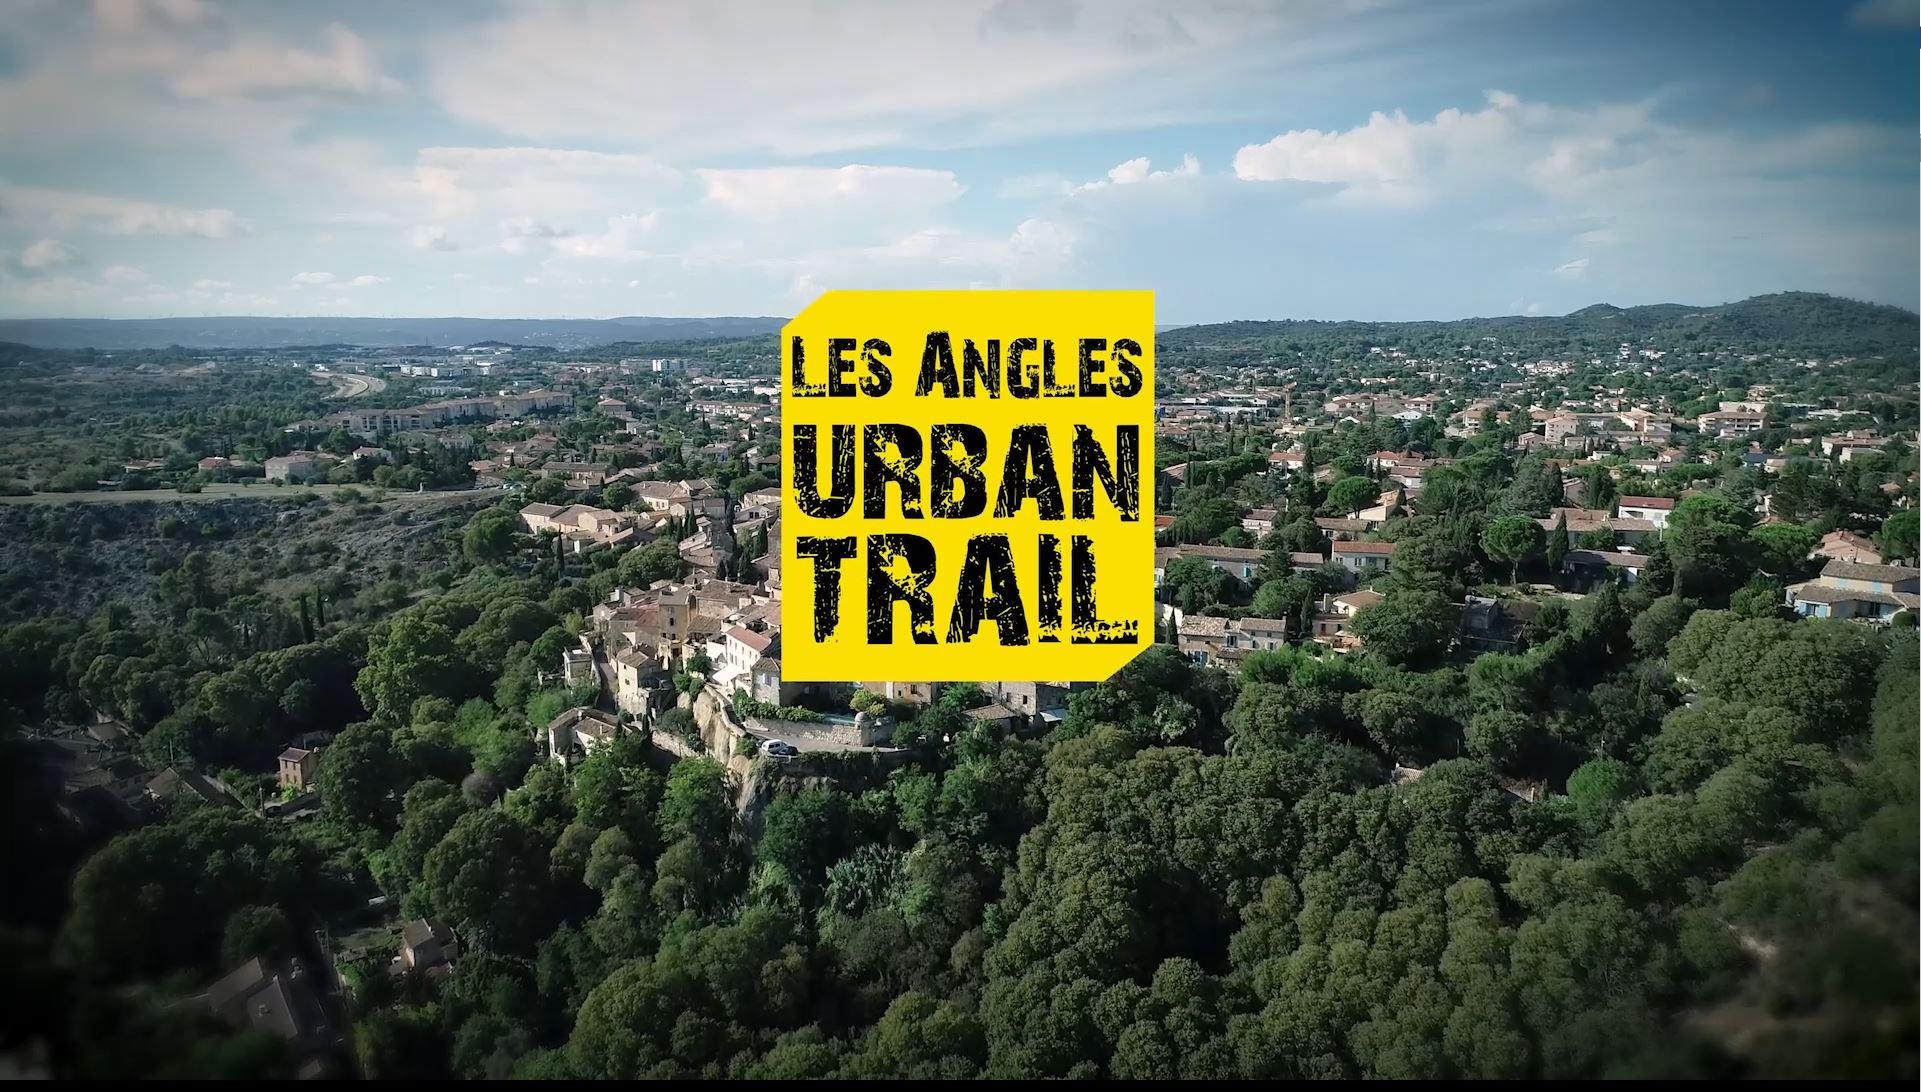 évènement teaser vidéo urban trail les angles